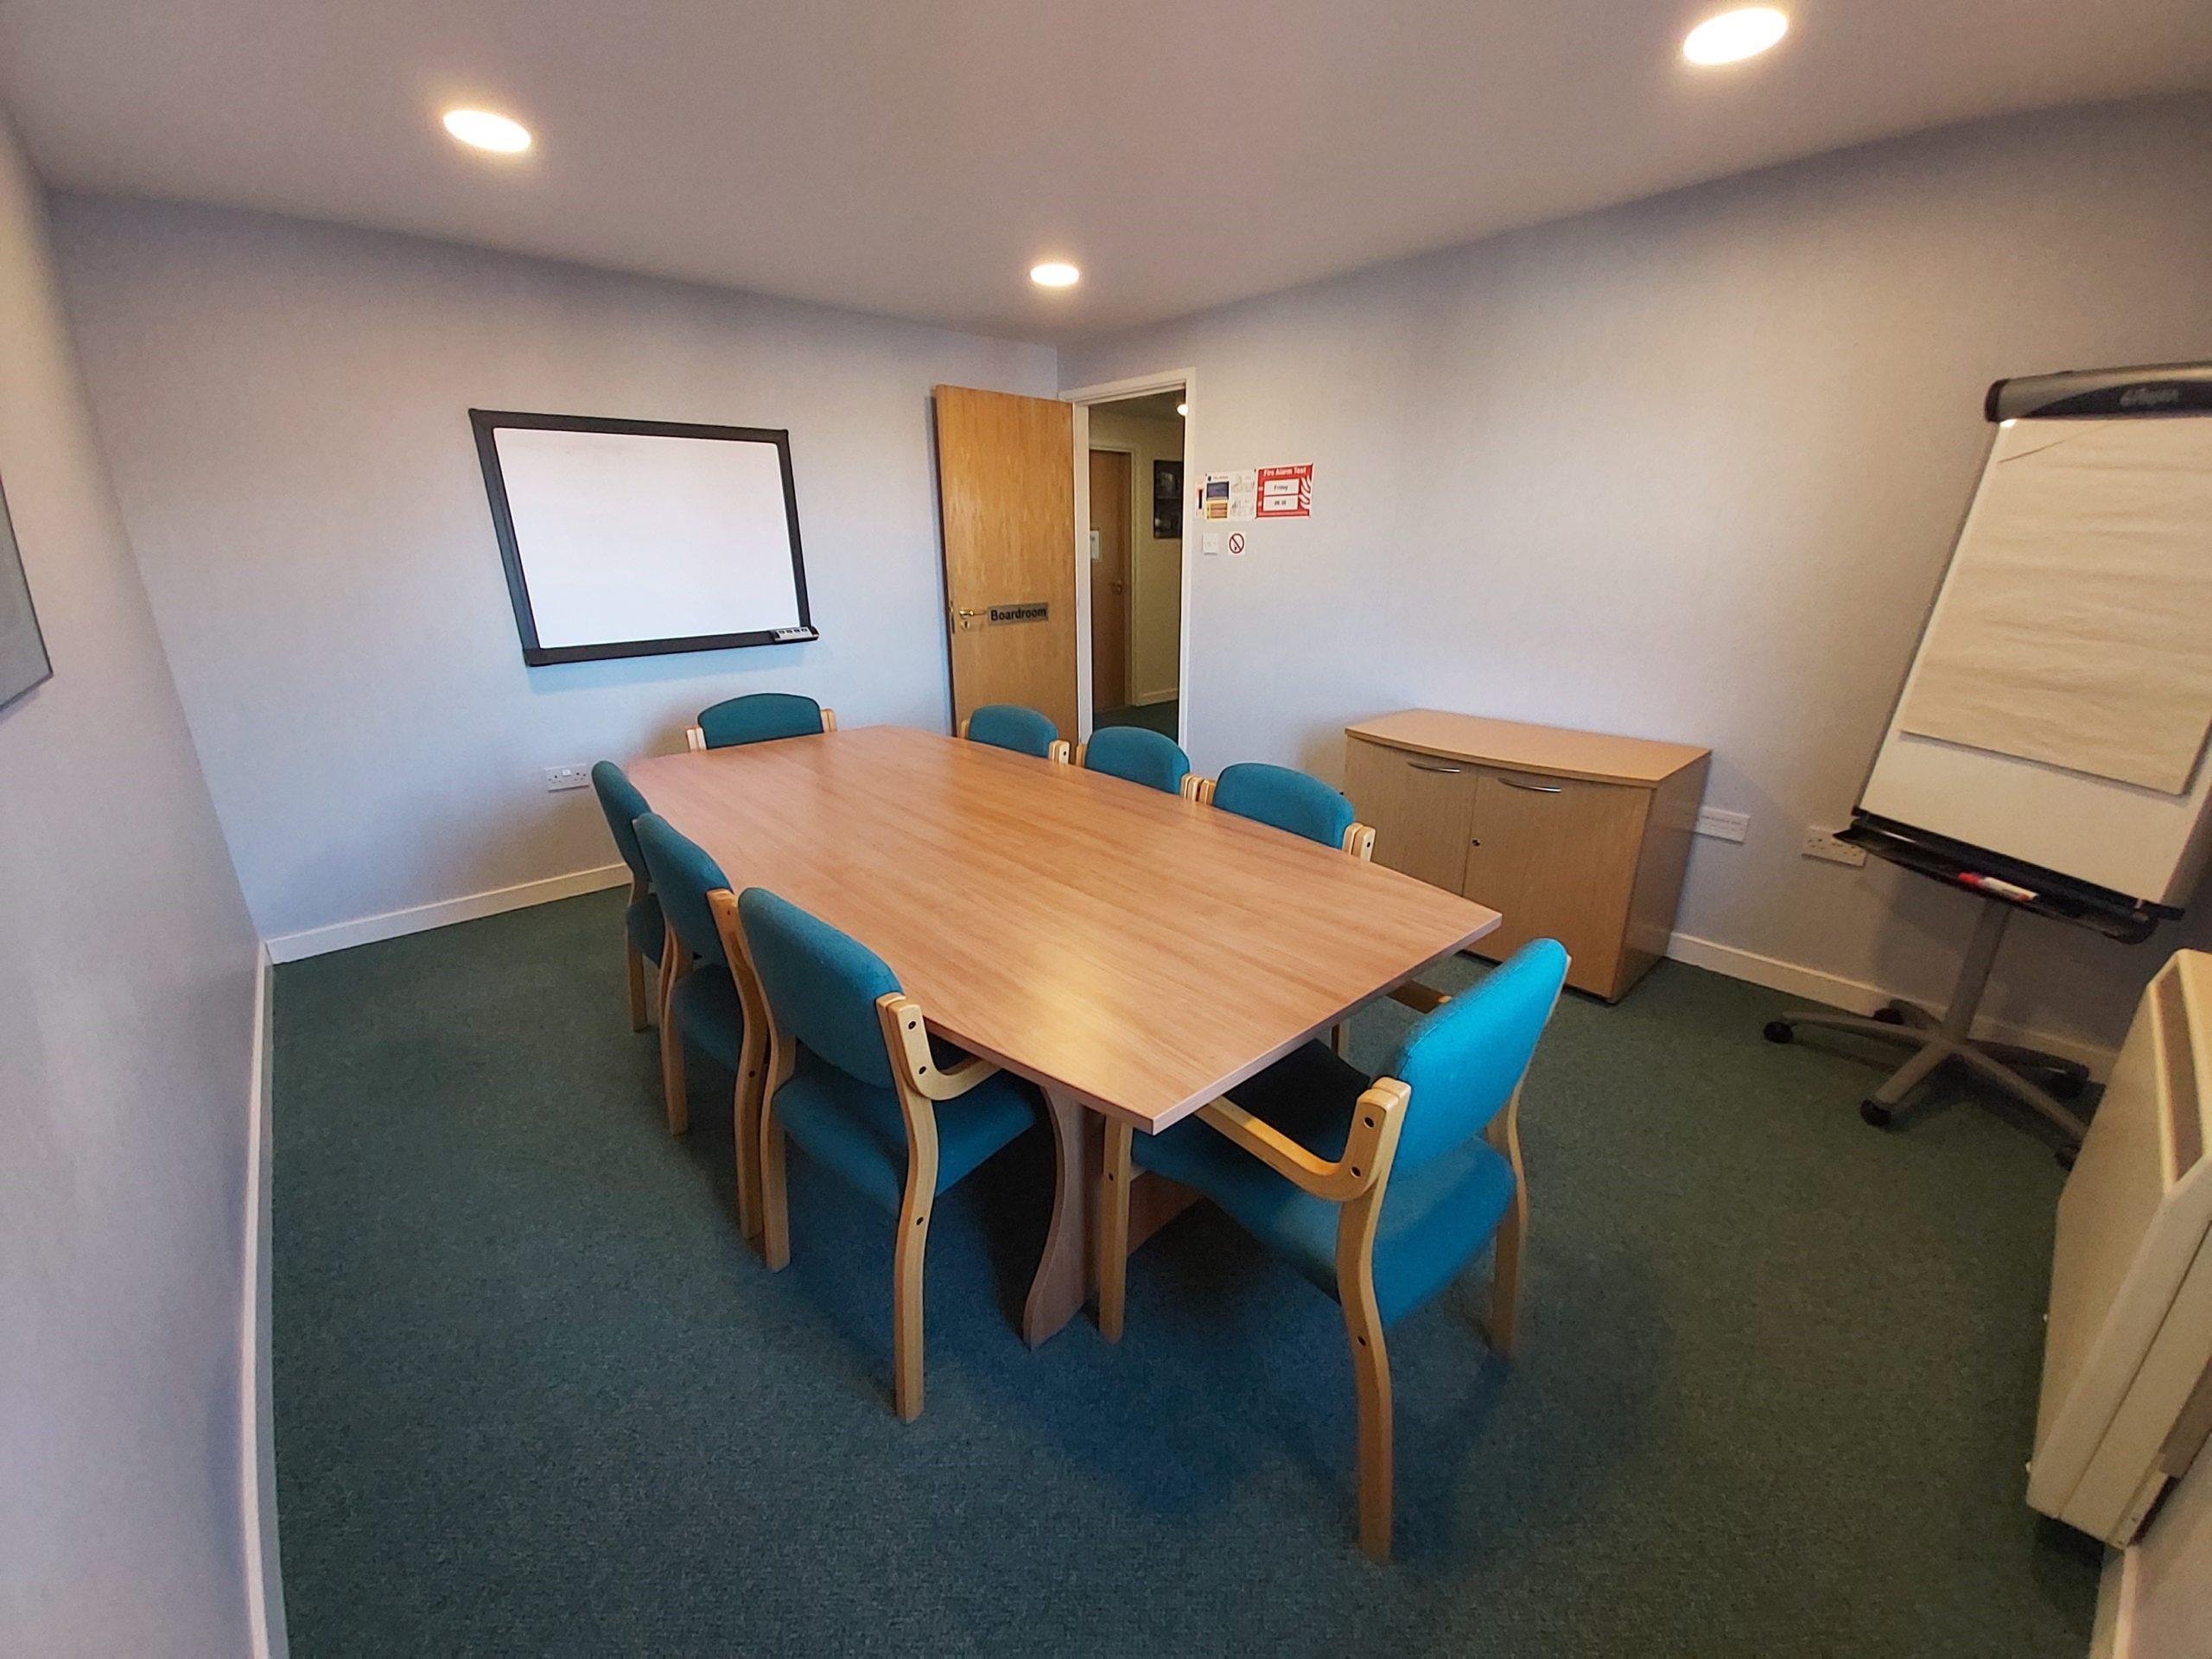 Boardroom Image 2